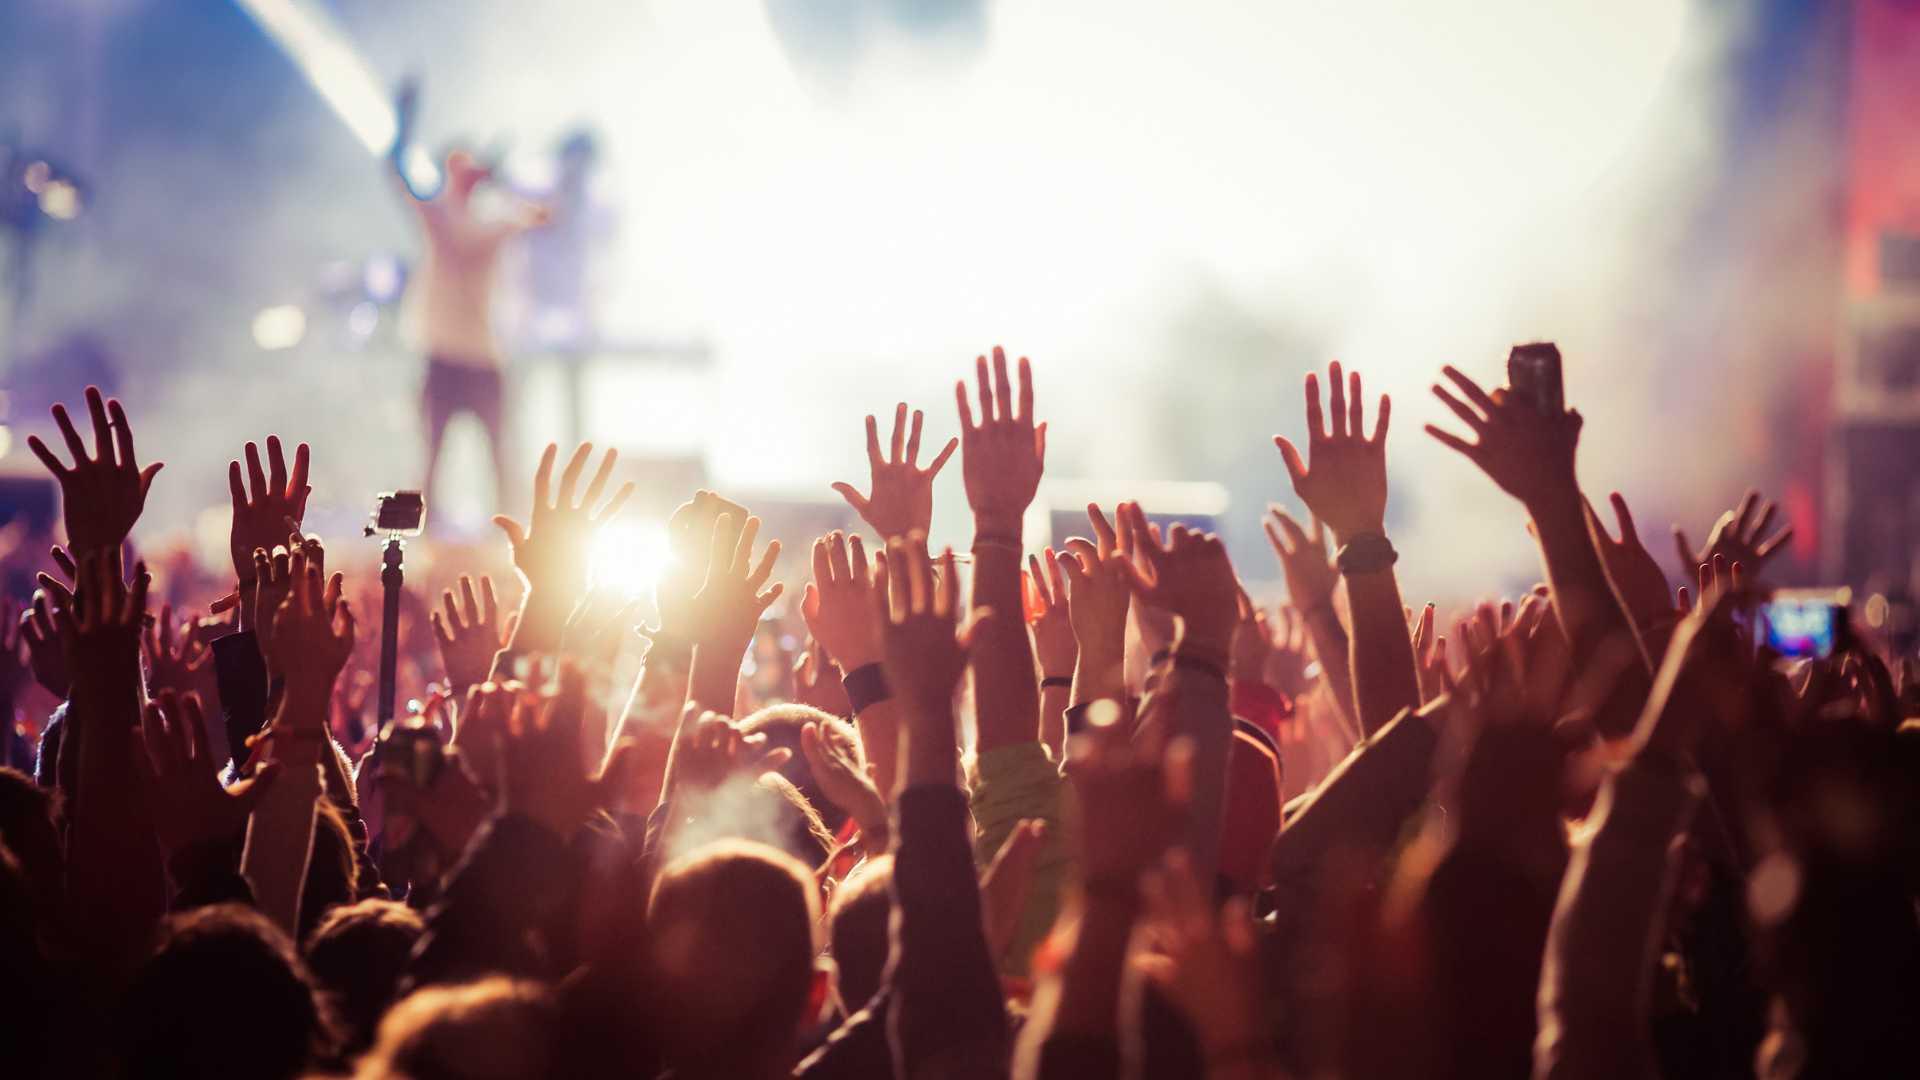 Region of Valencia festivals 2021